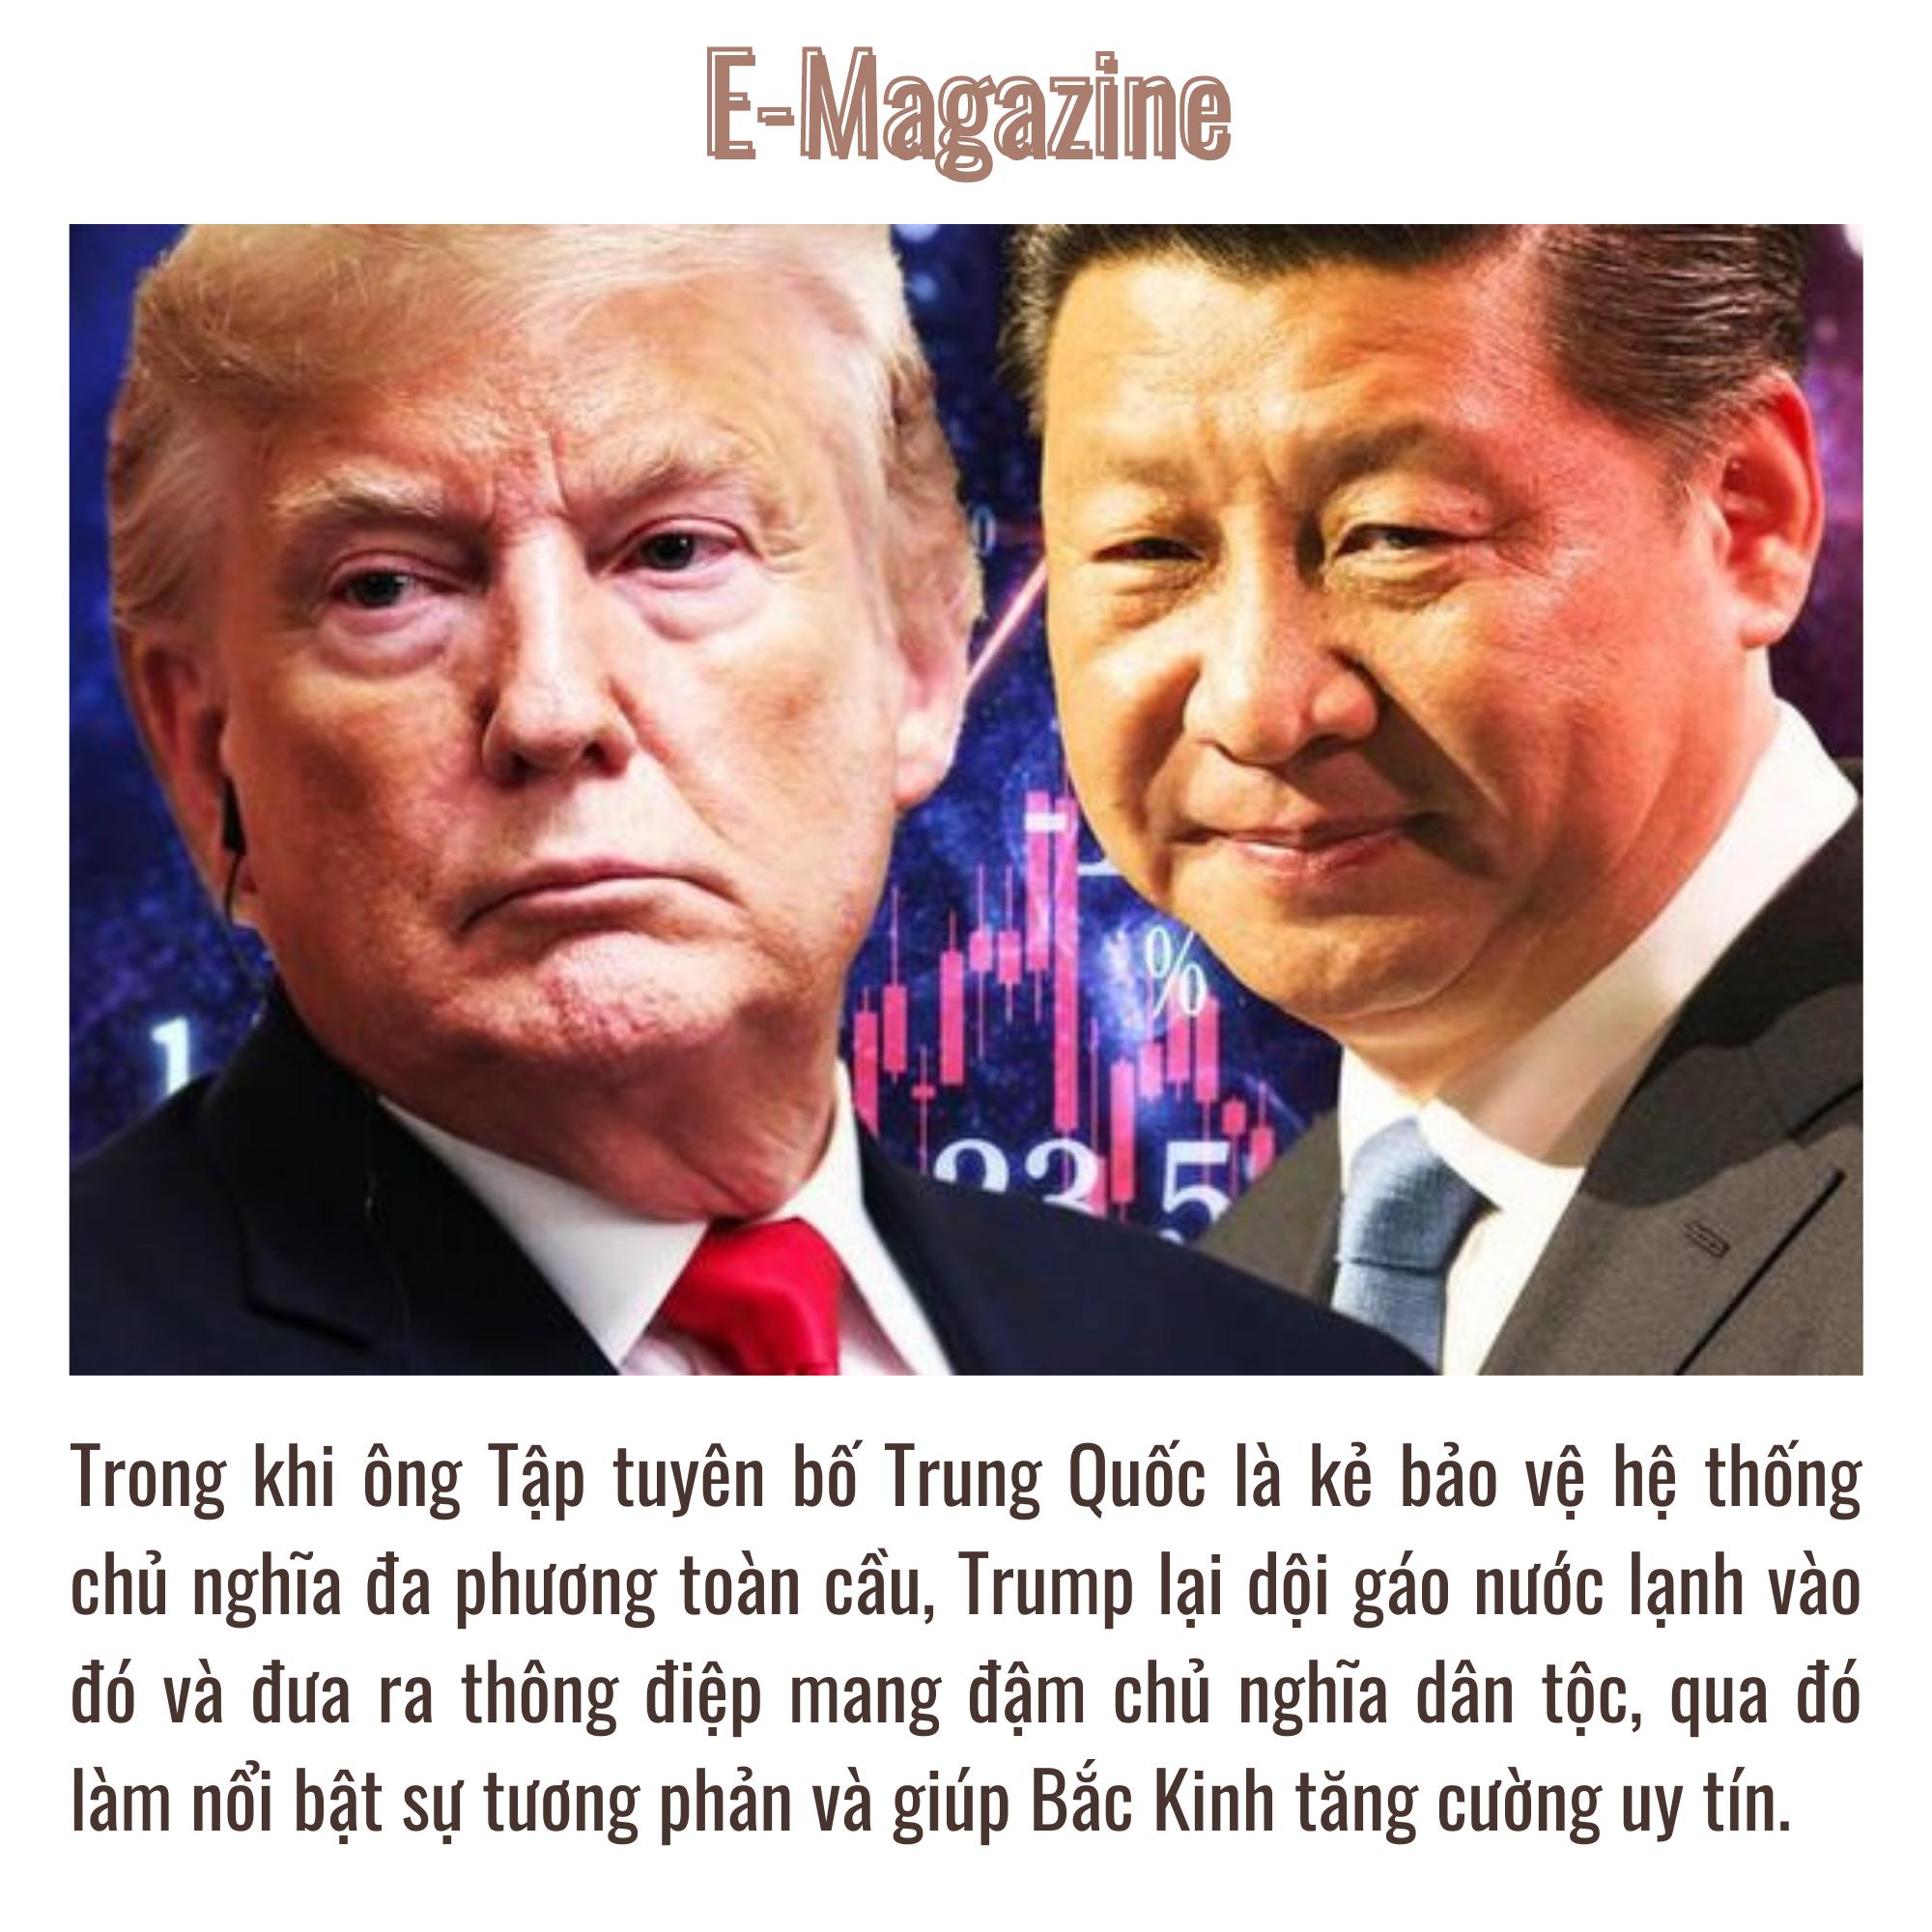 Nhìn lại tình bạn Donald Trump - Tập Cận Bình: 4 năm từ thân thiết đến rạn nứt - Ảnh 5.